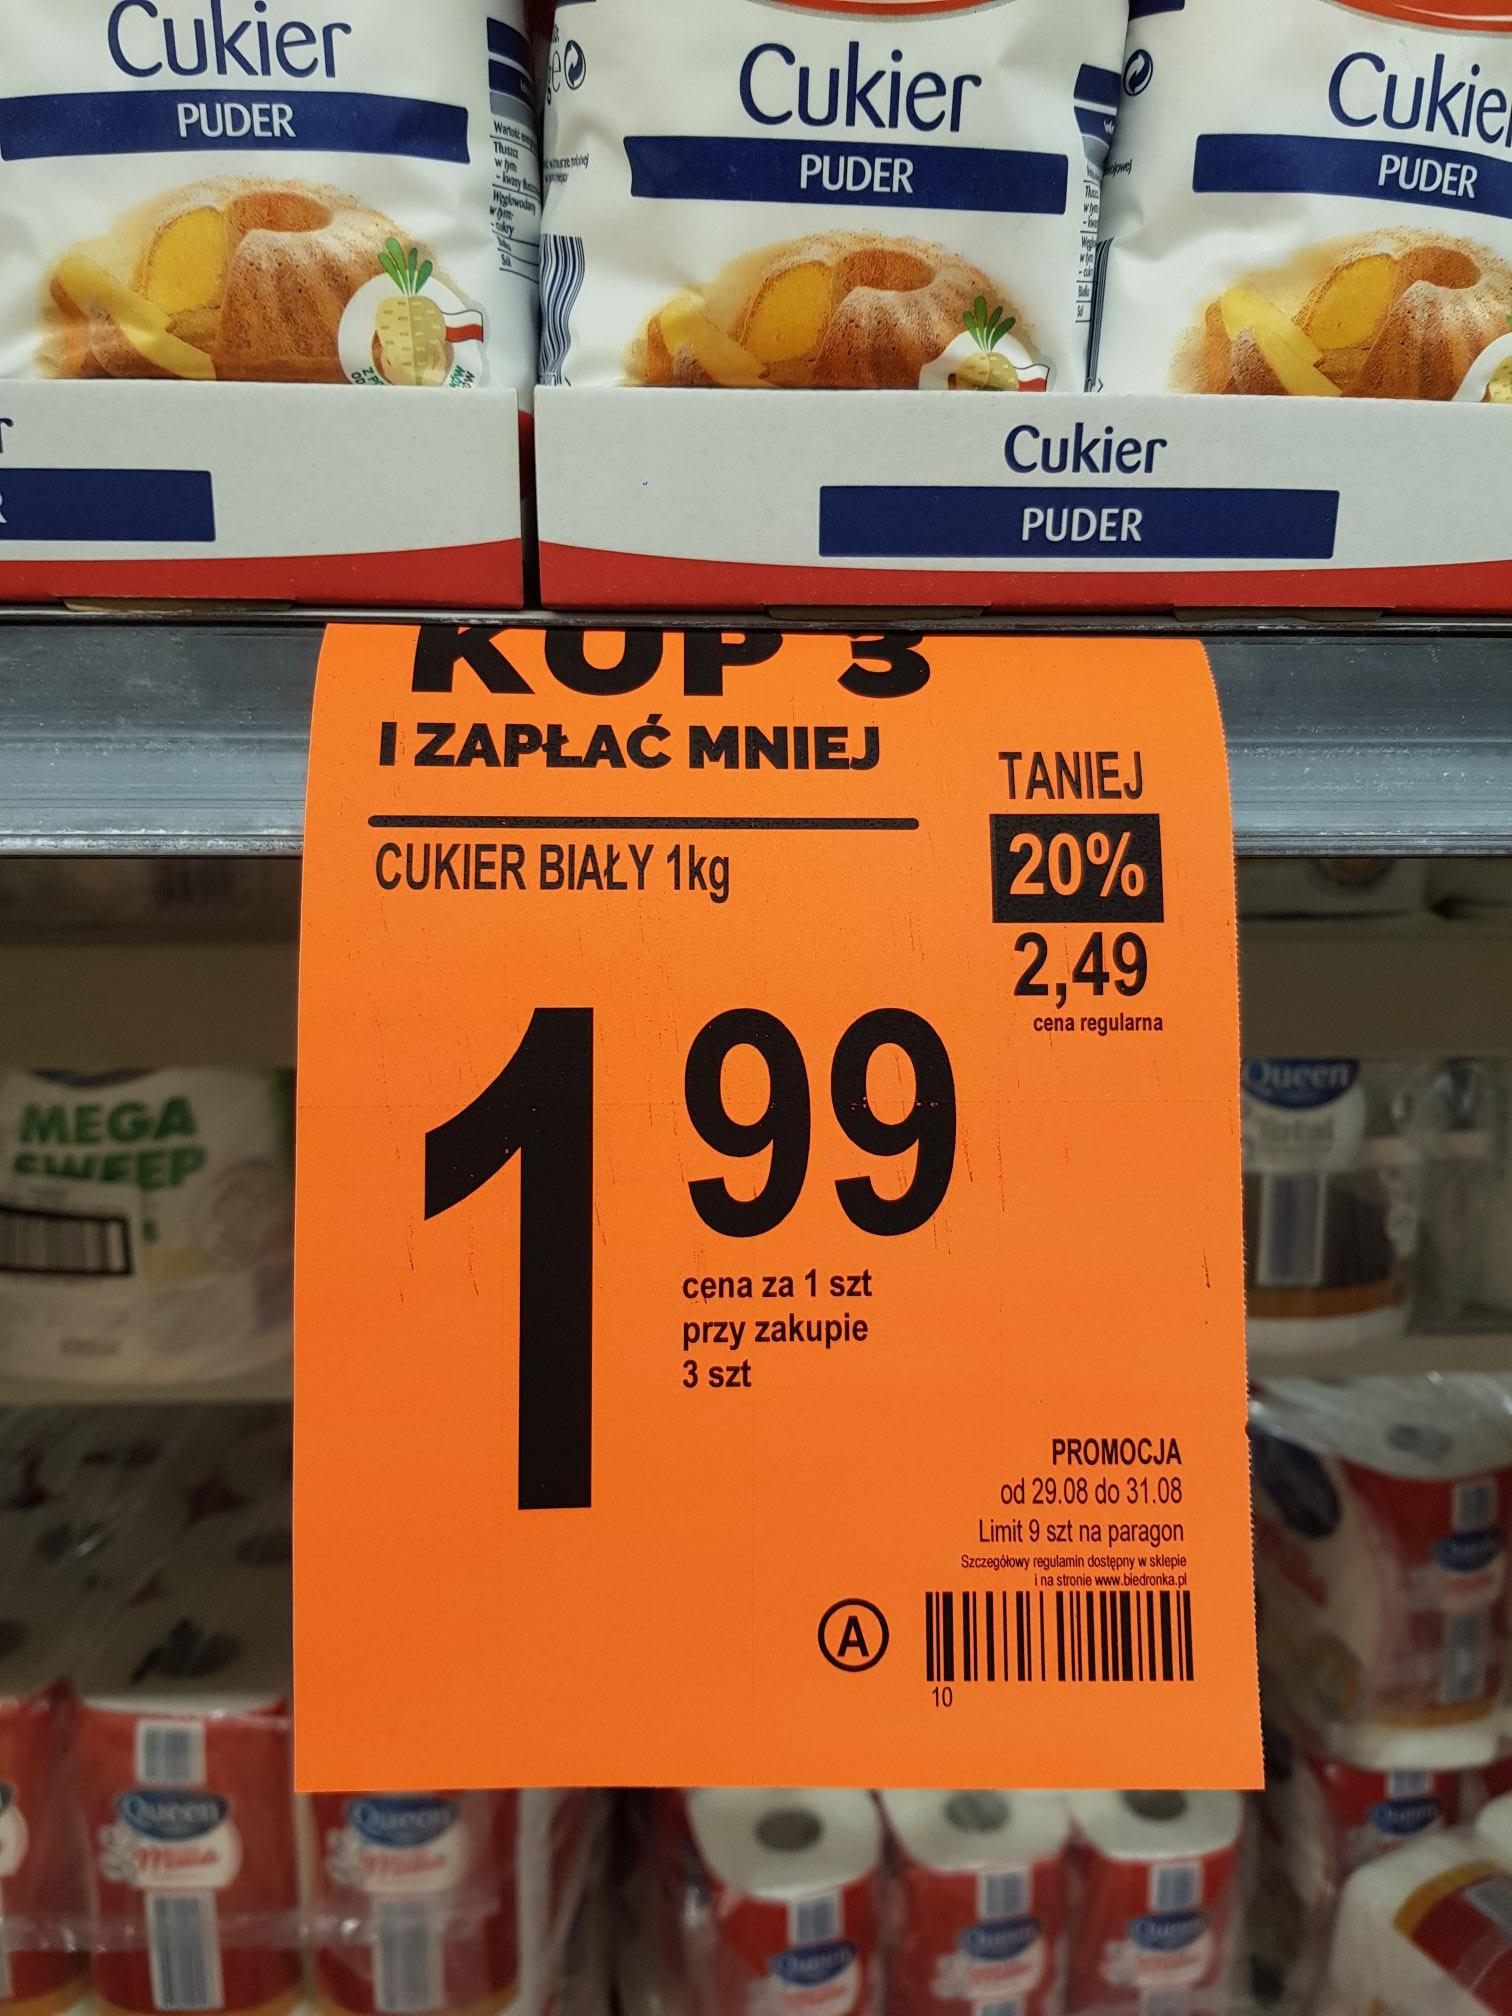 Cukier biały biedronka 1,99 przy zakupie 3 sztuk